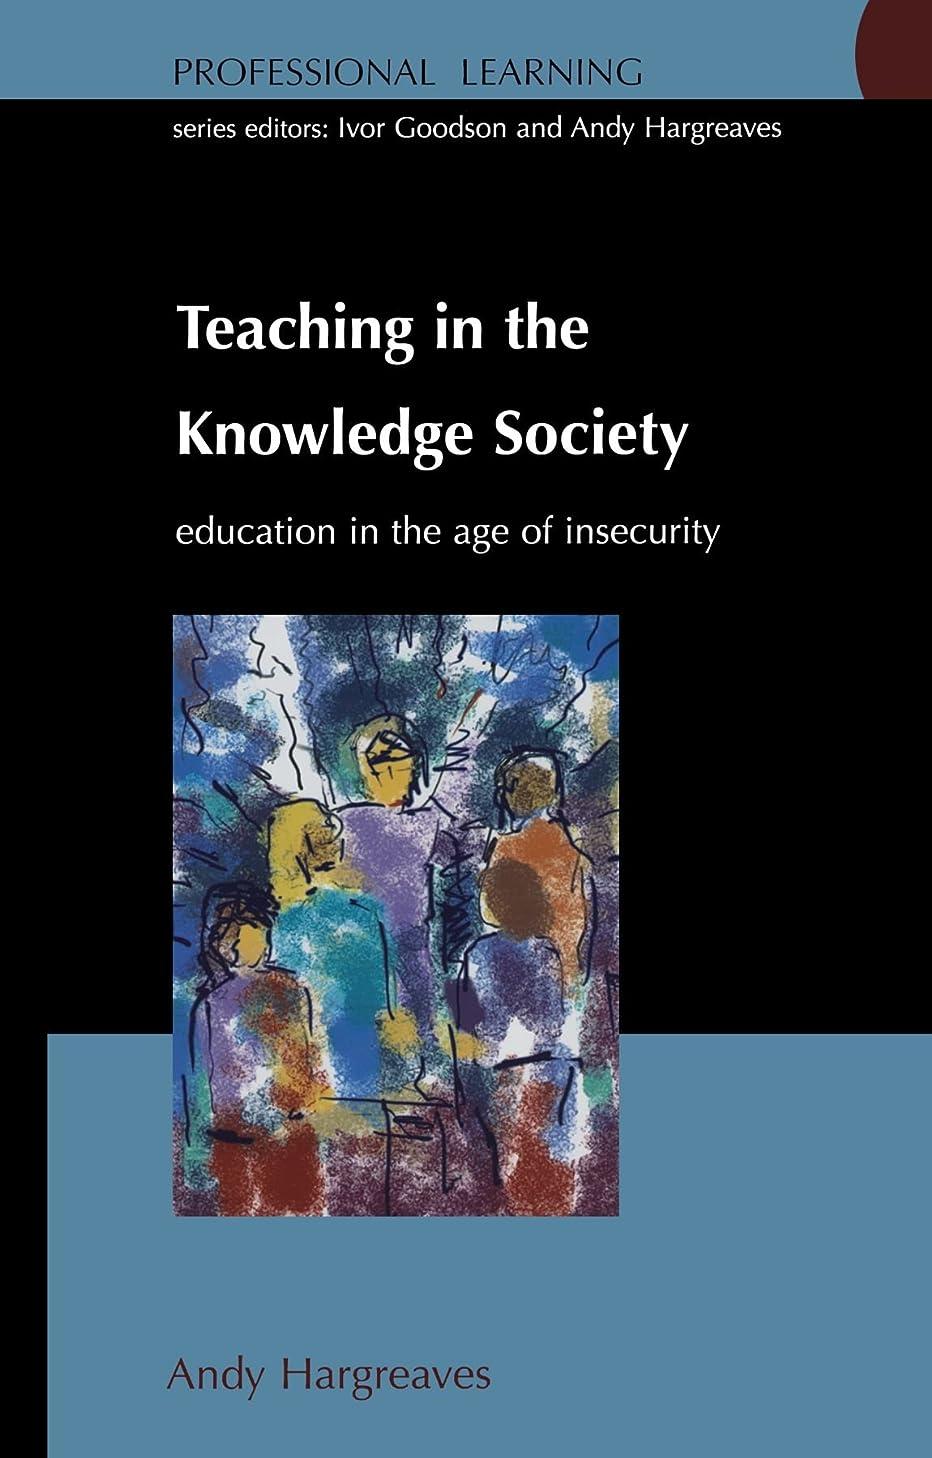 スクラッチ代数分析的なTeaching in the Knowledge Society: Education in the Age of Insecurity (Professional Learning)